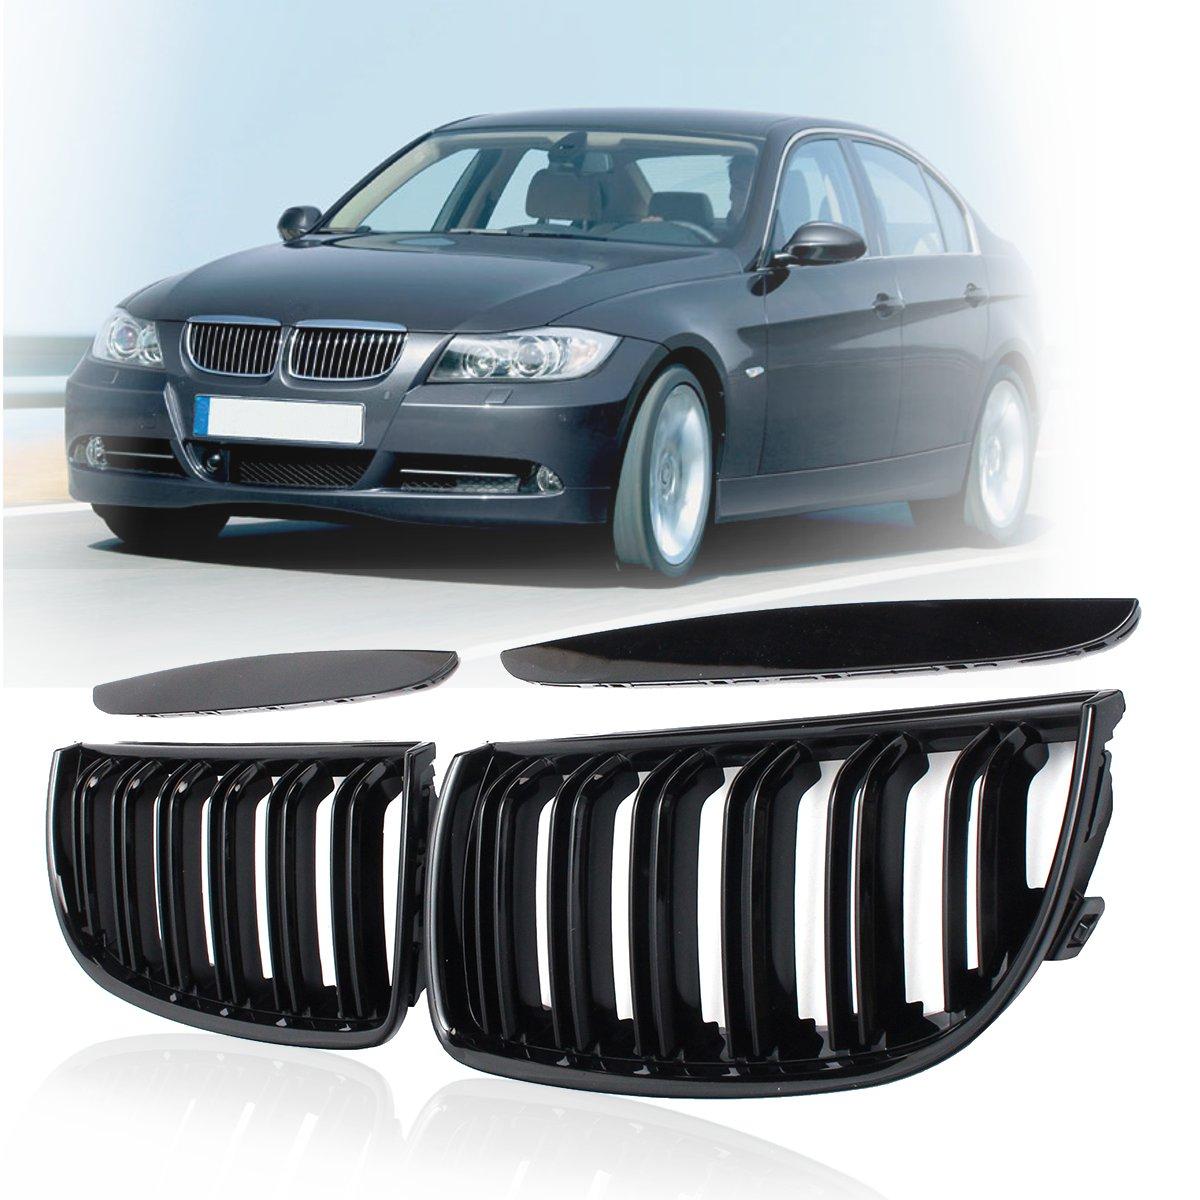 4 цвета, пара, передний матовый блесек для губ, углеродный M цвет, черный, 2 линии, двойная планка, решетка для почек, гриль для BMW E90 E91, 4 двери, 2005...